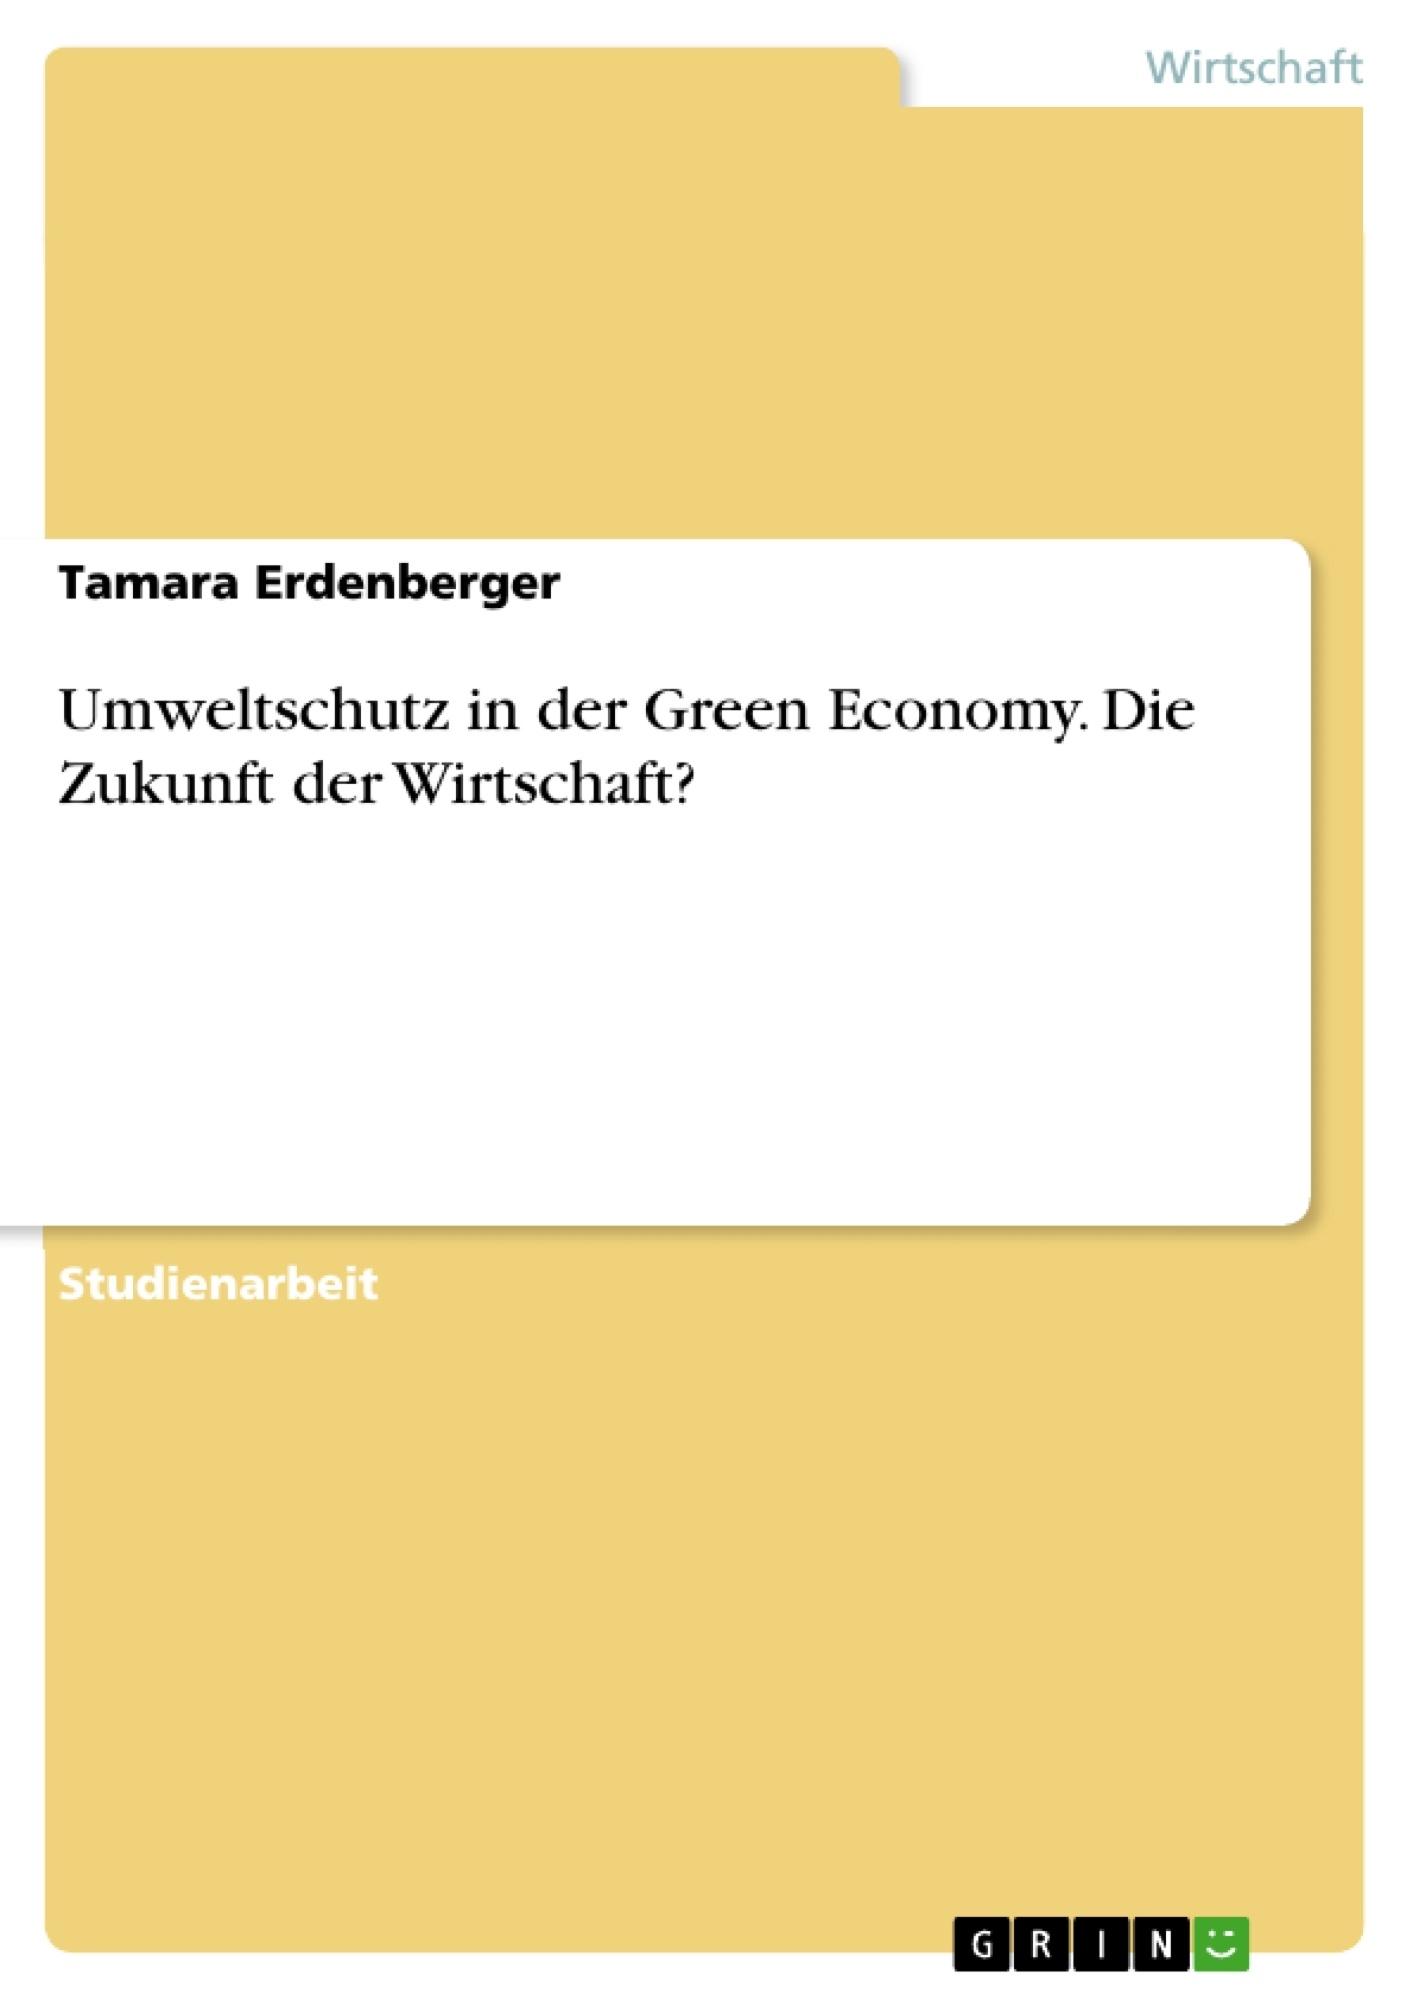 Titel: Umweltschutz in der Green Economy. Die Zukunft der Wirtschaft?